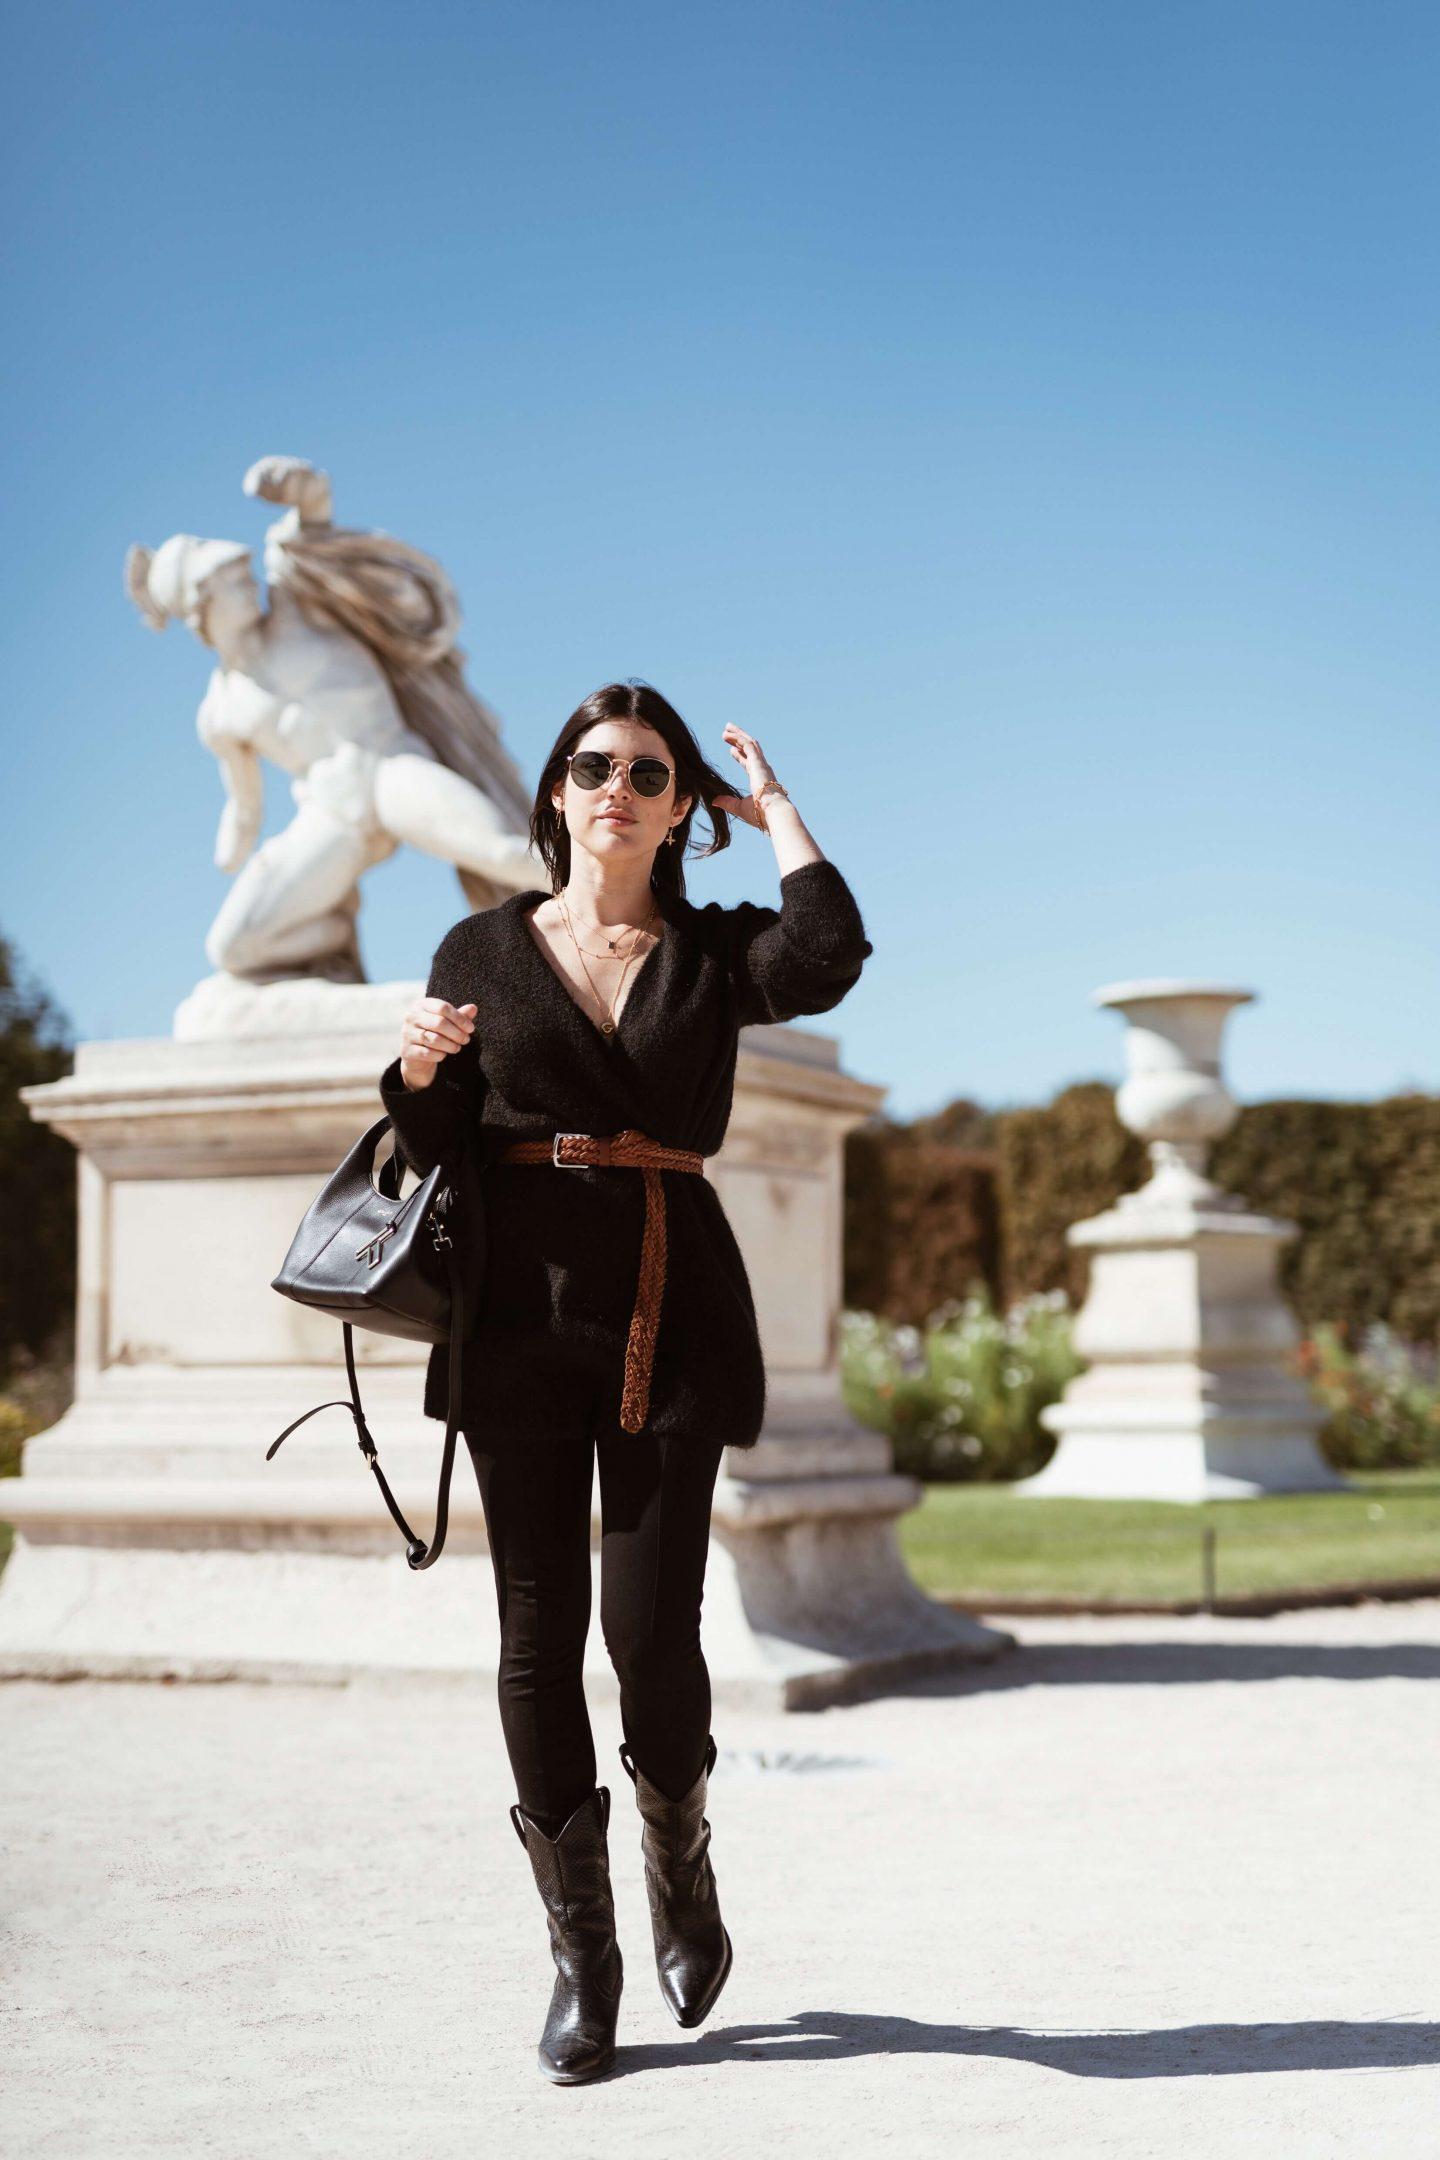 3 ways to wear Trois façons de porter les santiags L'atelier d'al latelierdal blog mode fashion lifestyle